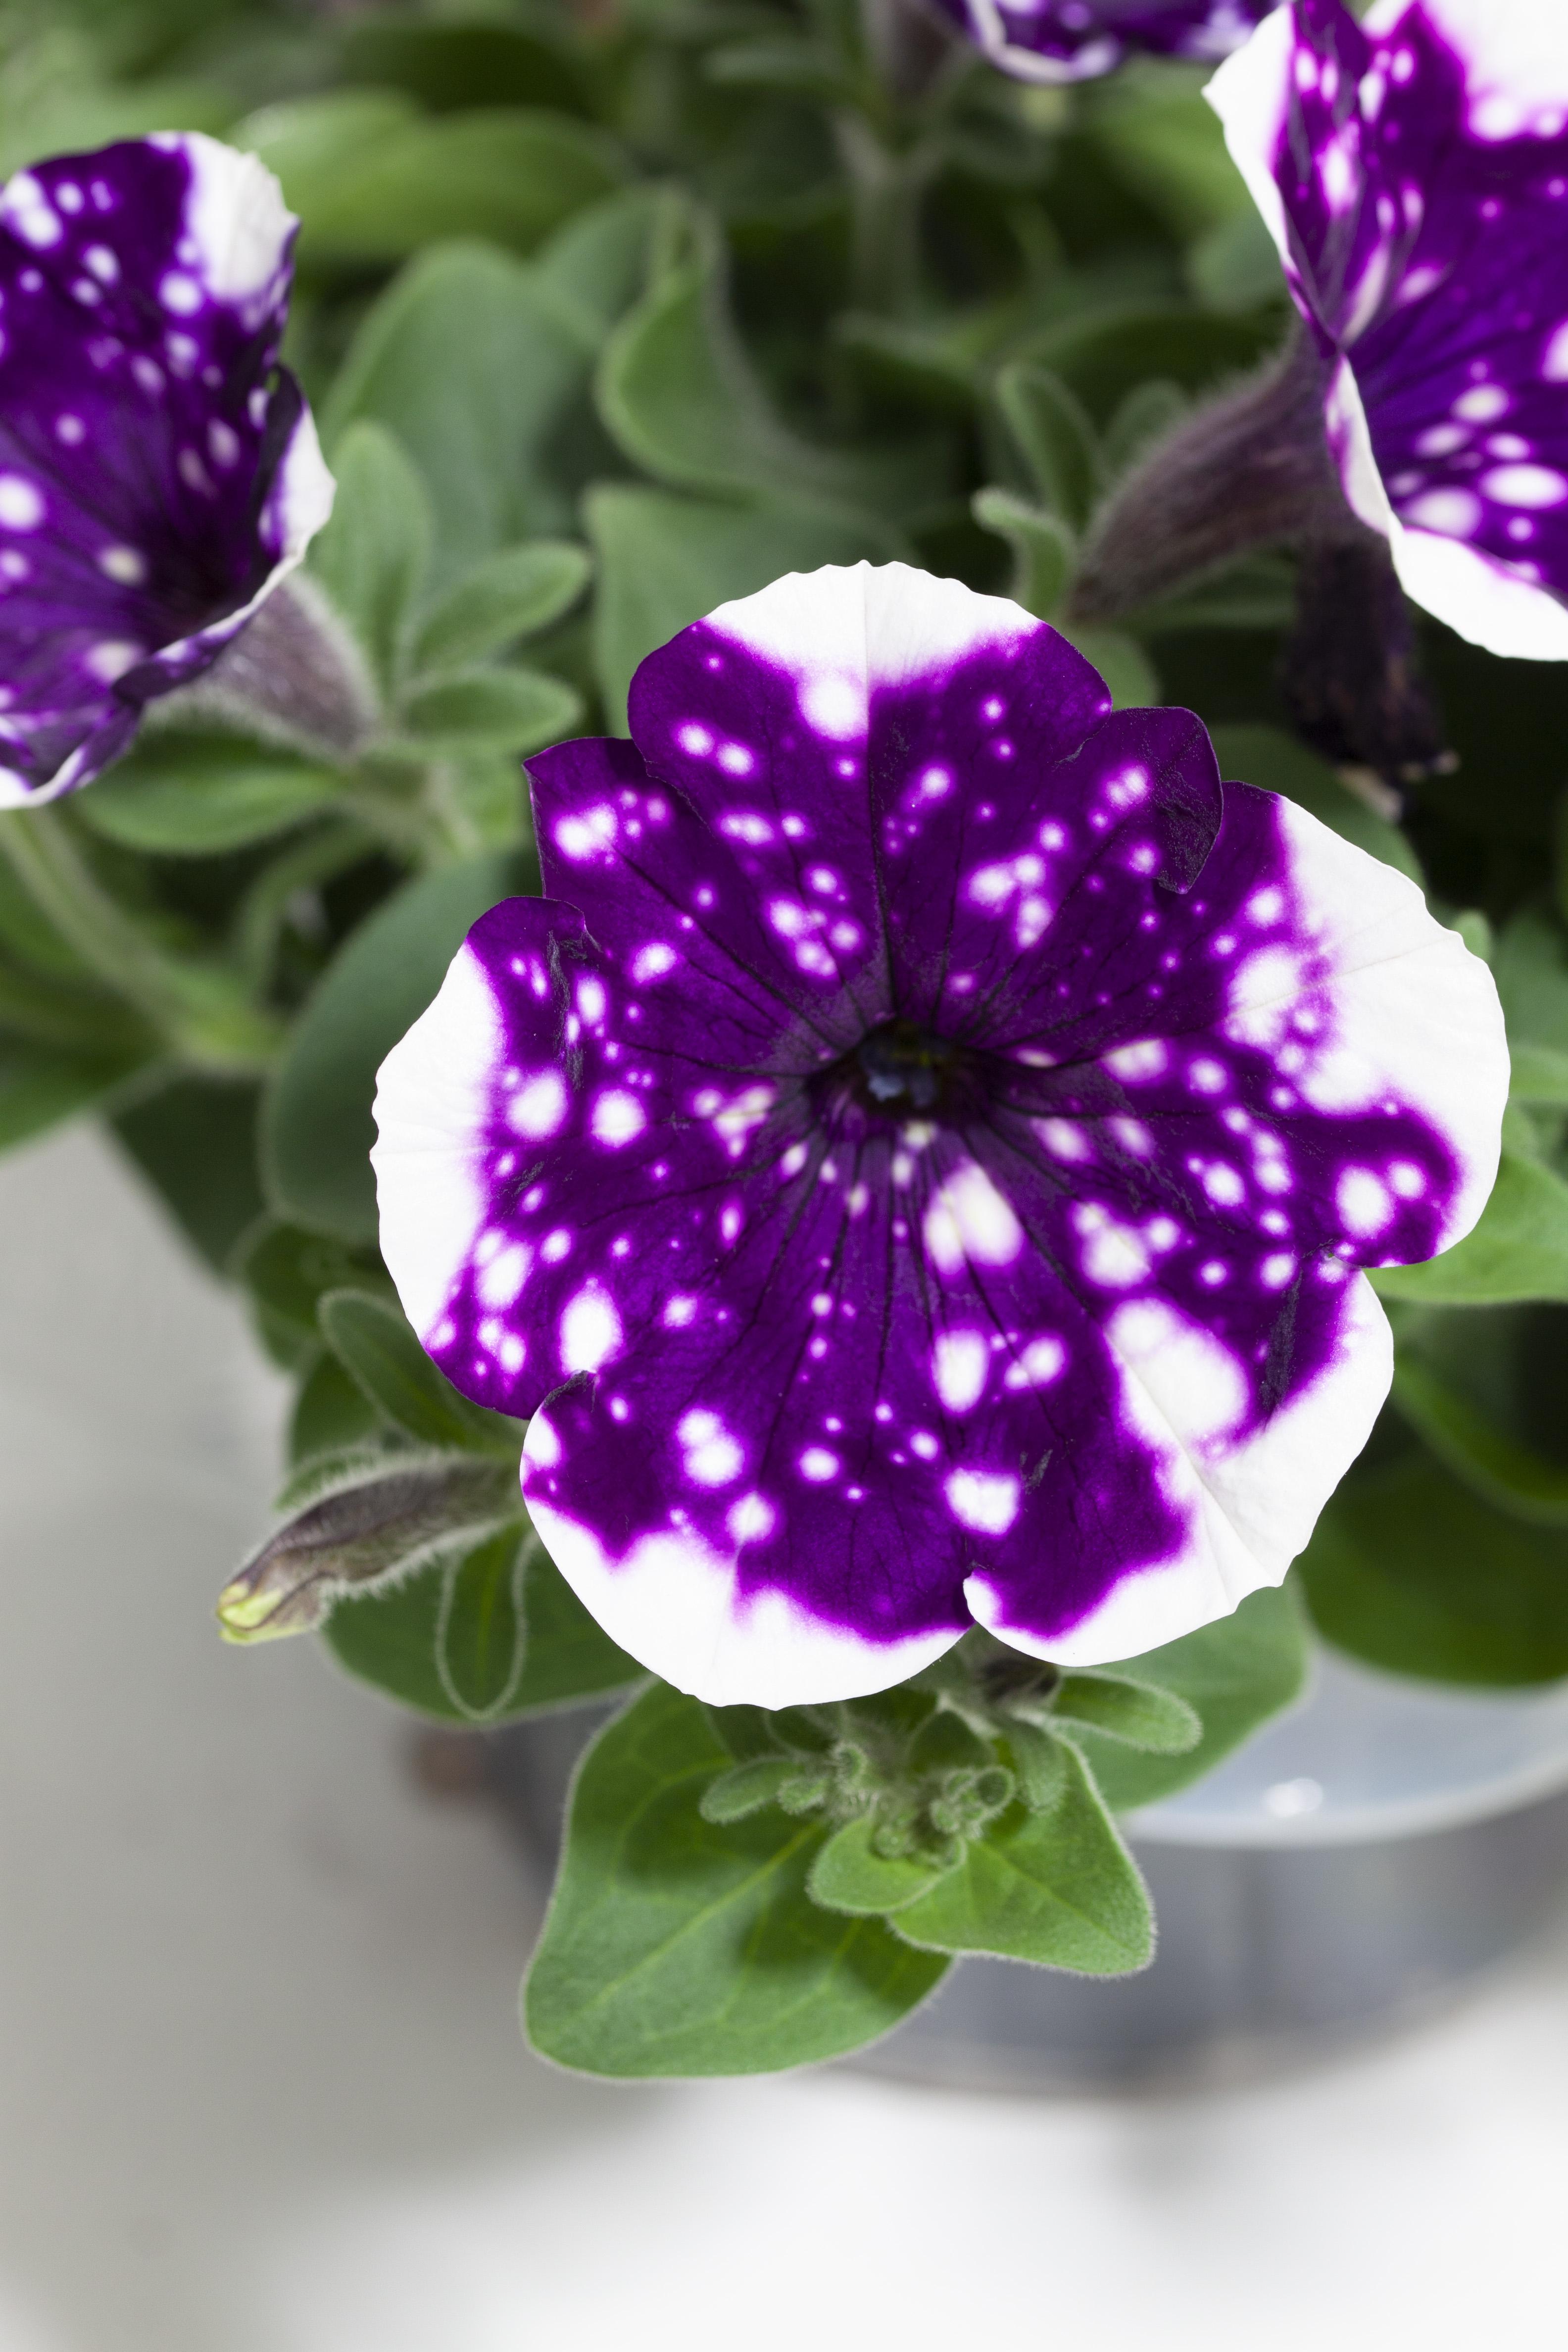 glaciersky-13 Petunia Blomsterfrämjandet